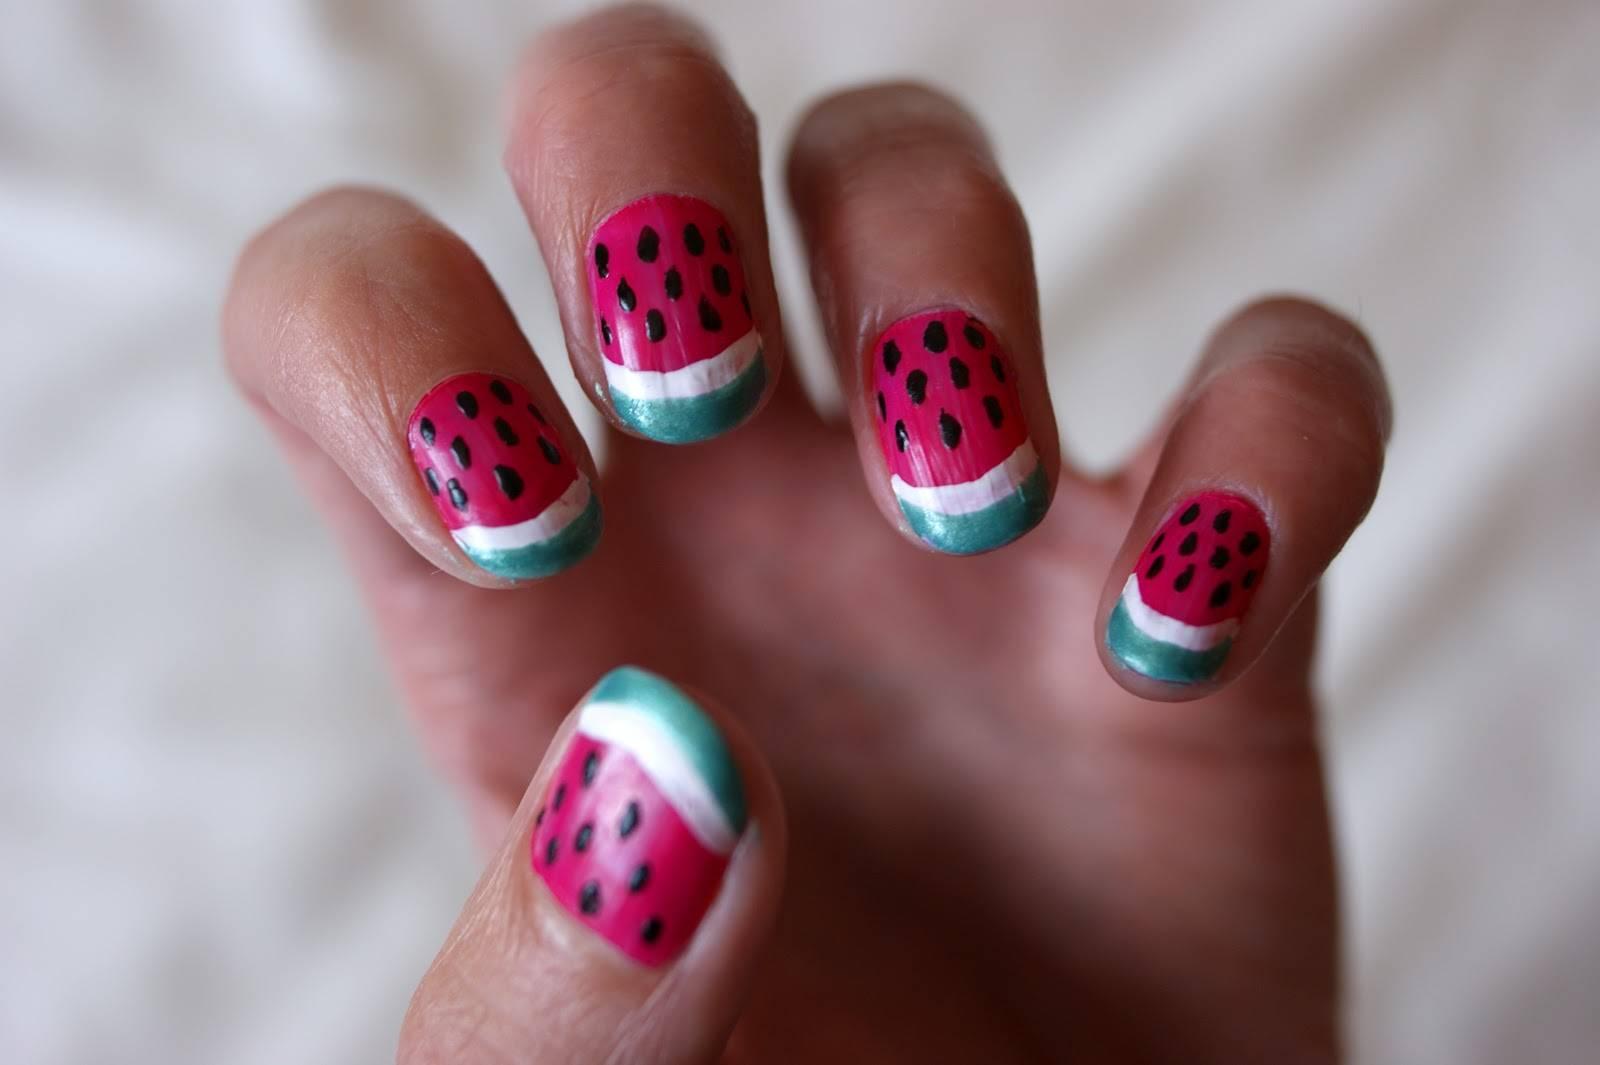 Fingernail Designs: Amazing Nail Art Pictures